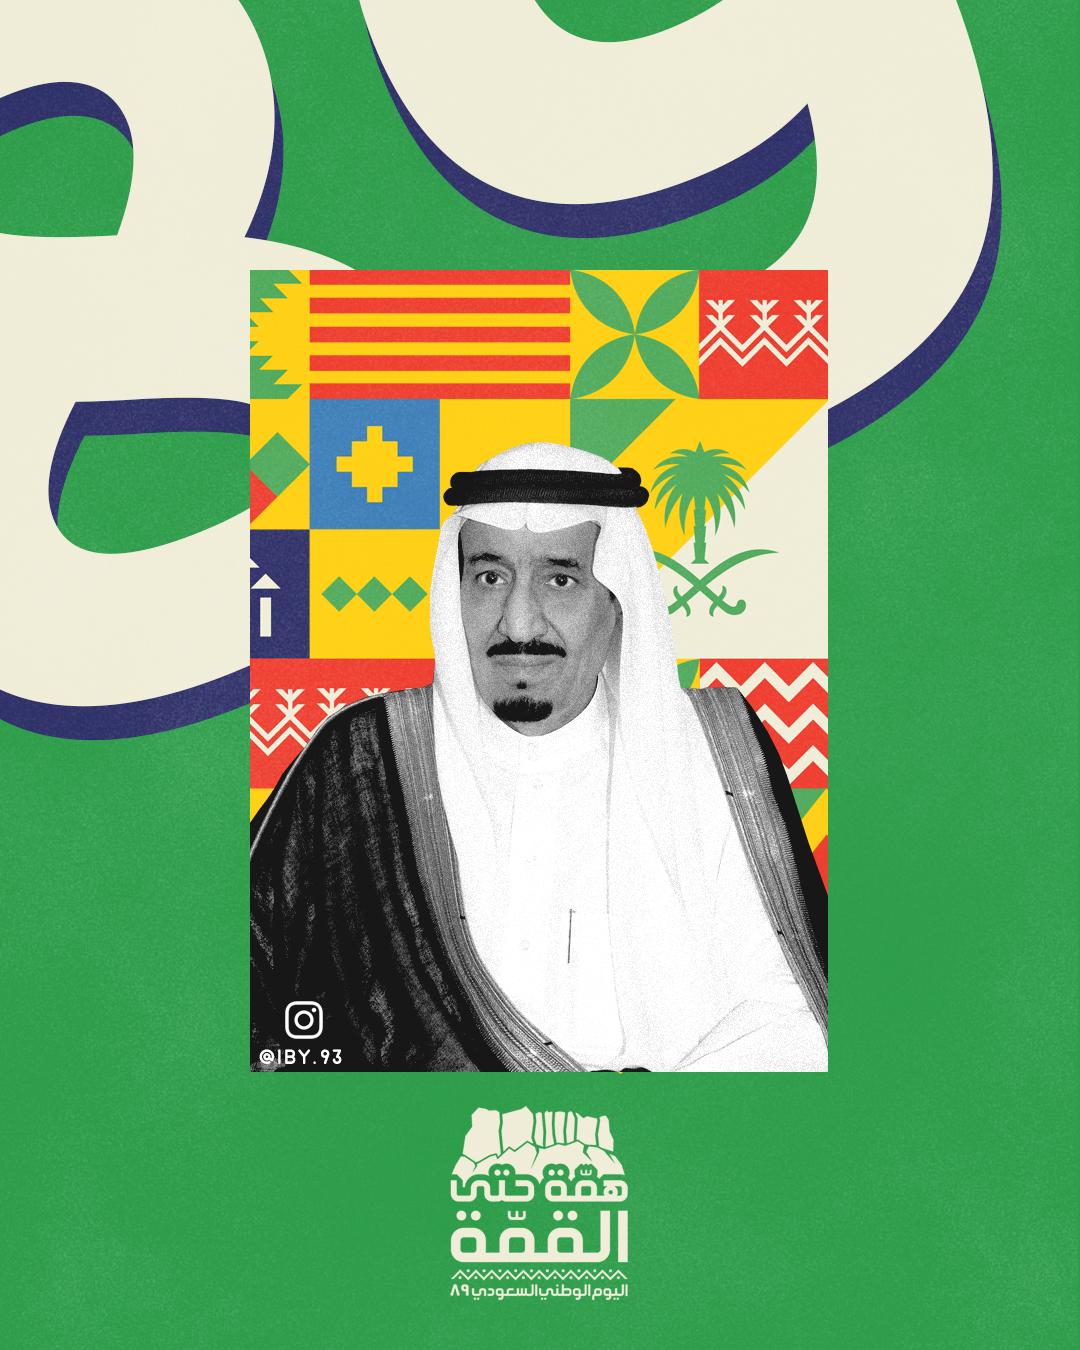 اليوم الوطني السعودي ٨٩ الملك سلمان Movie Posters Poster Art